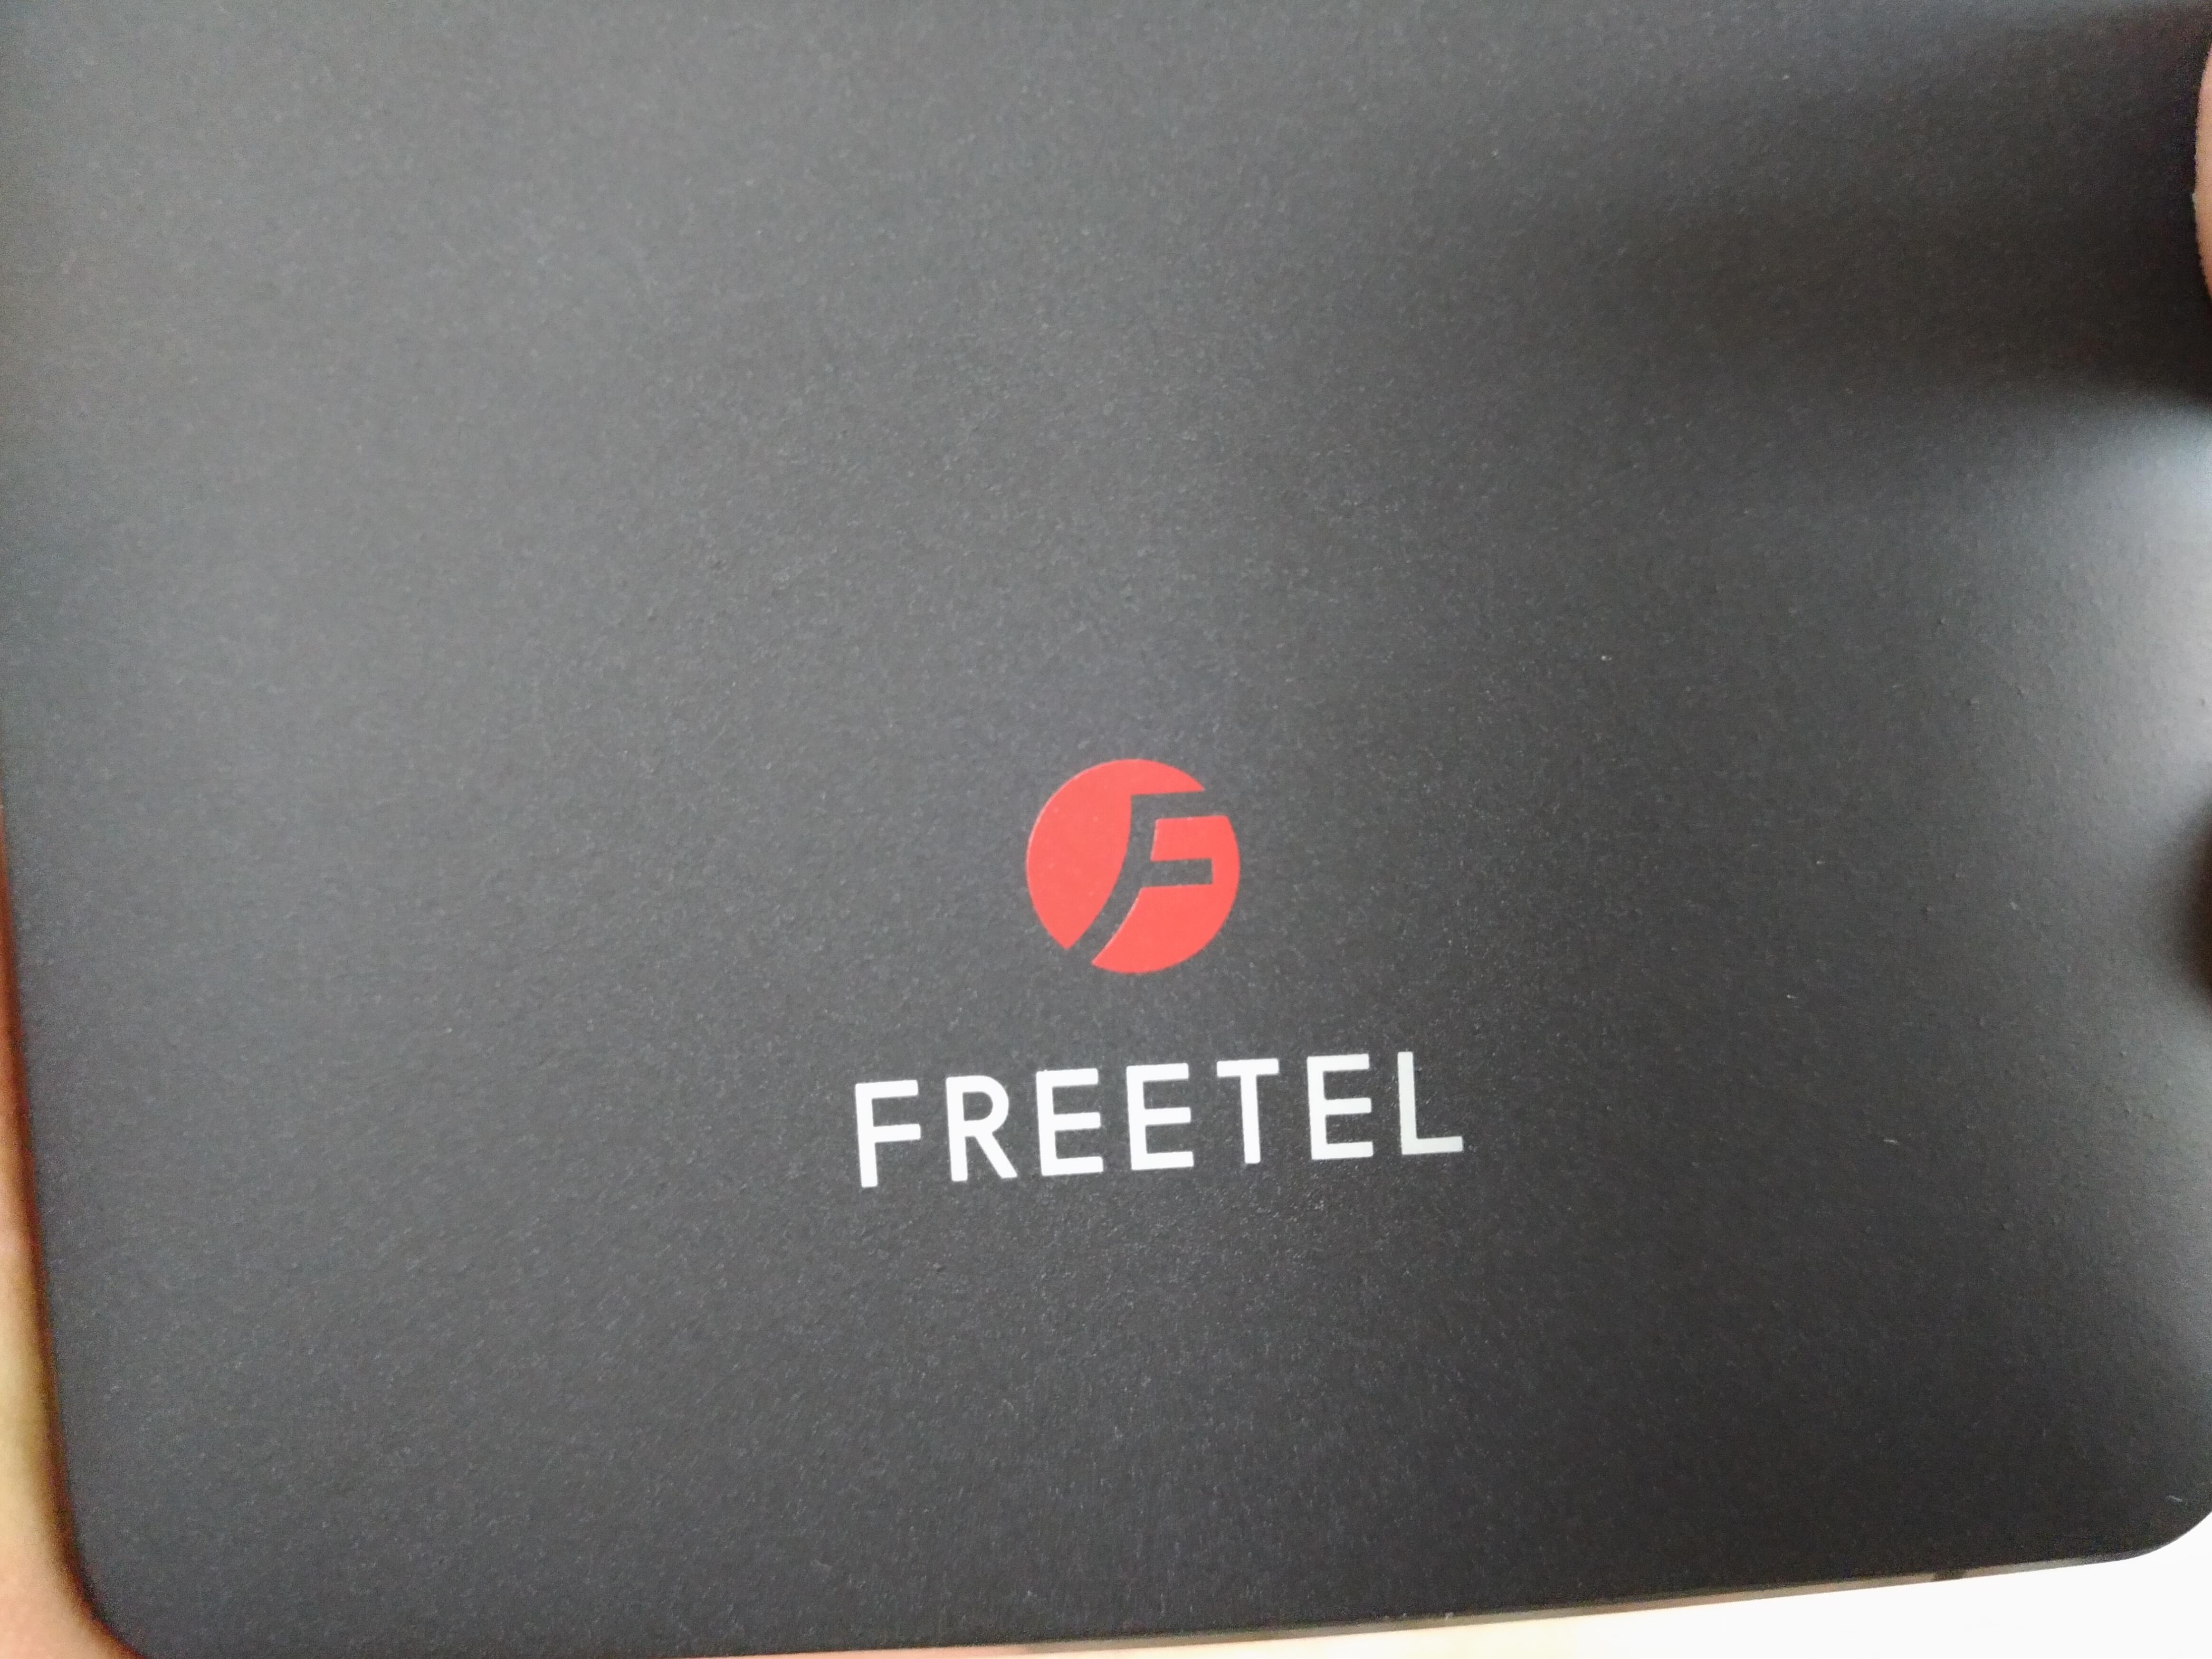 FREETELに端末を交換してもらう方法と手順。FREETELの品質は疑問だがサポートは悪くない